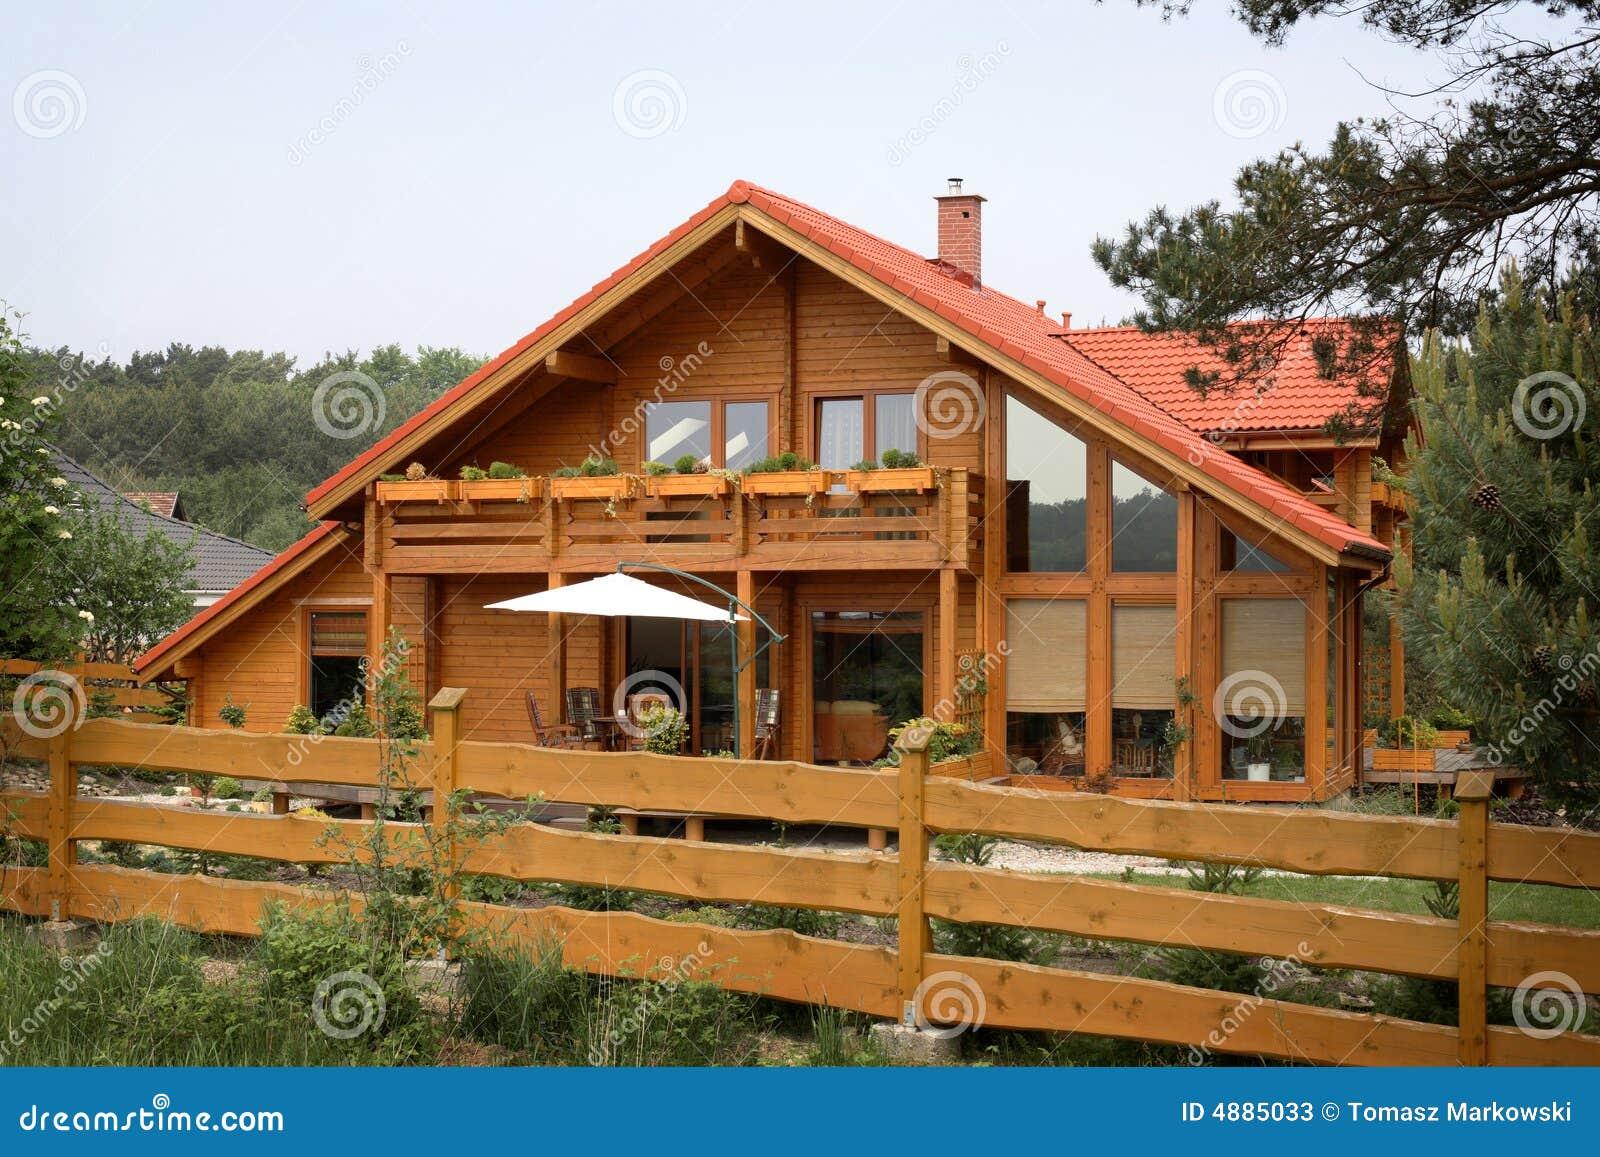 ... di legno nella priorità alta una grande casa rustica in una